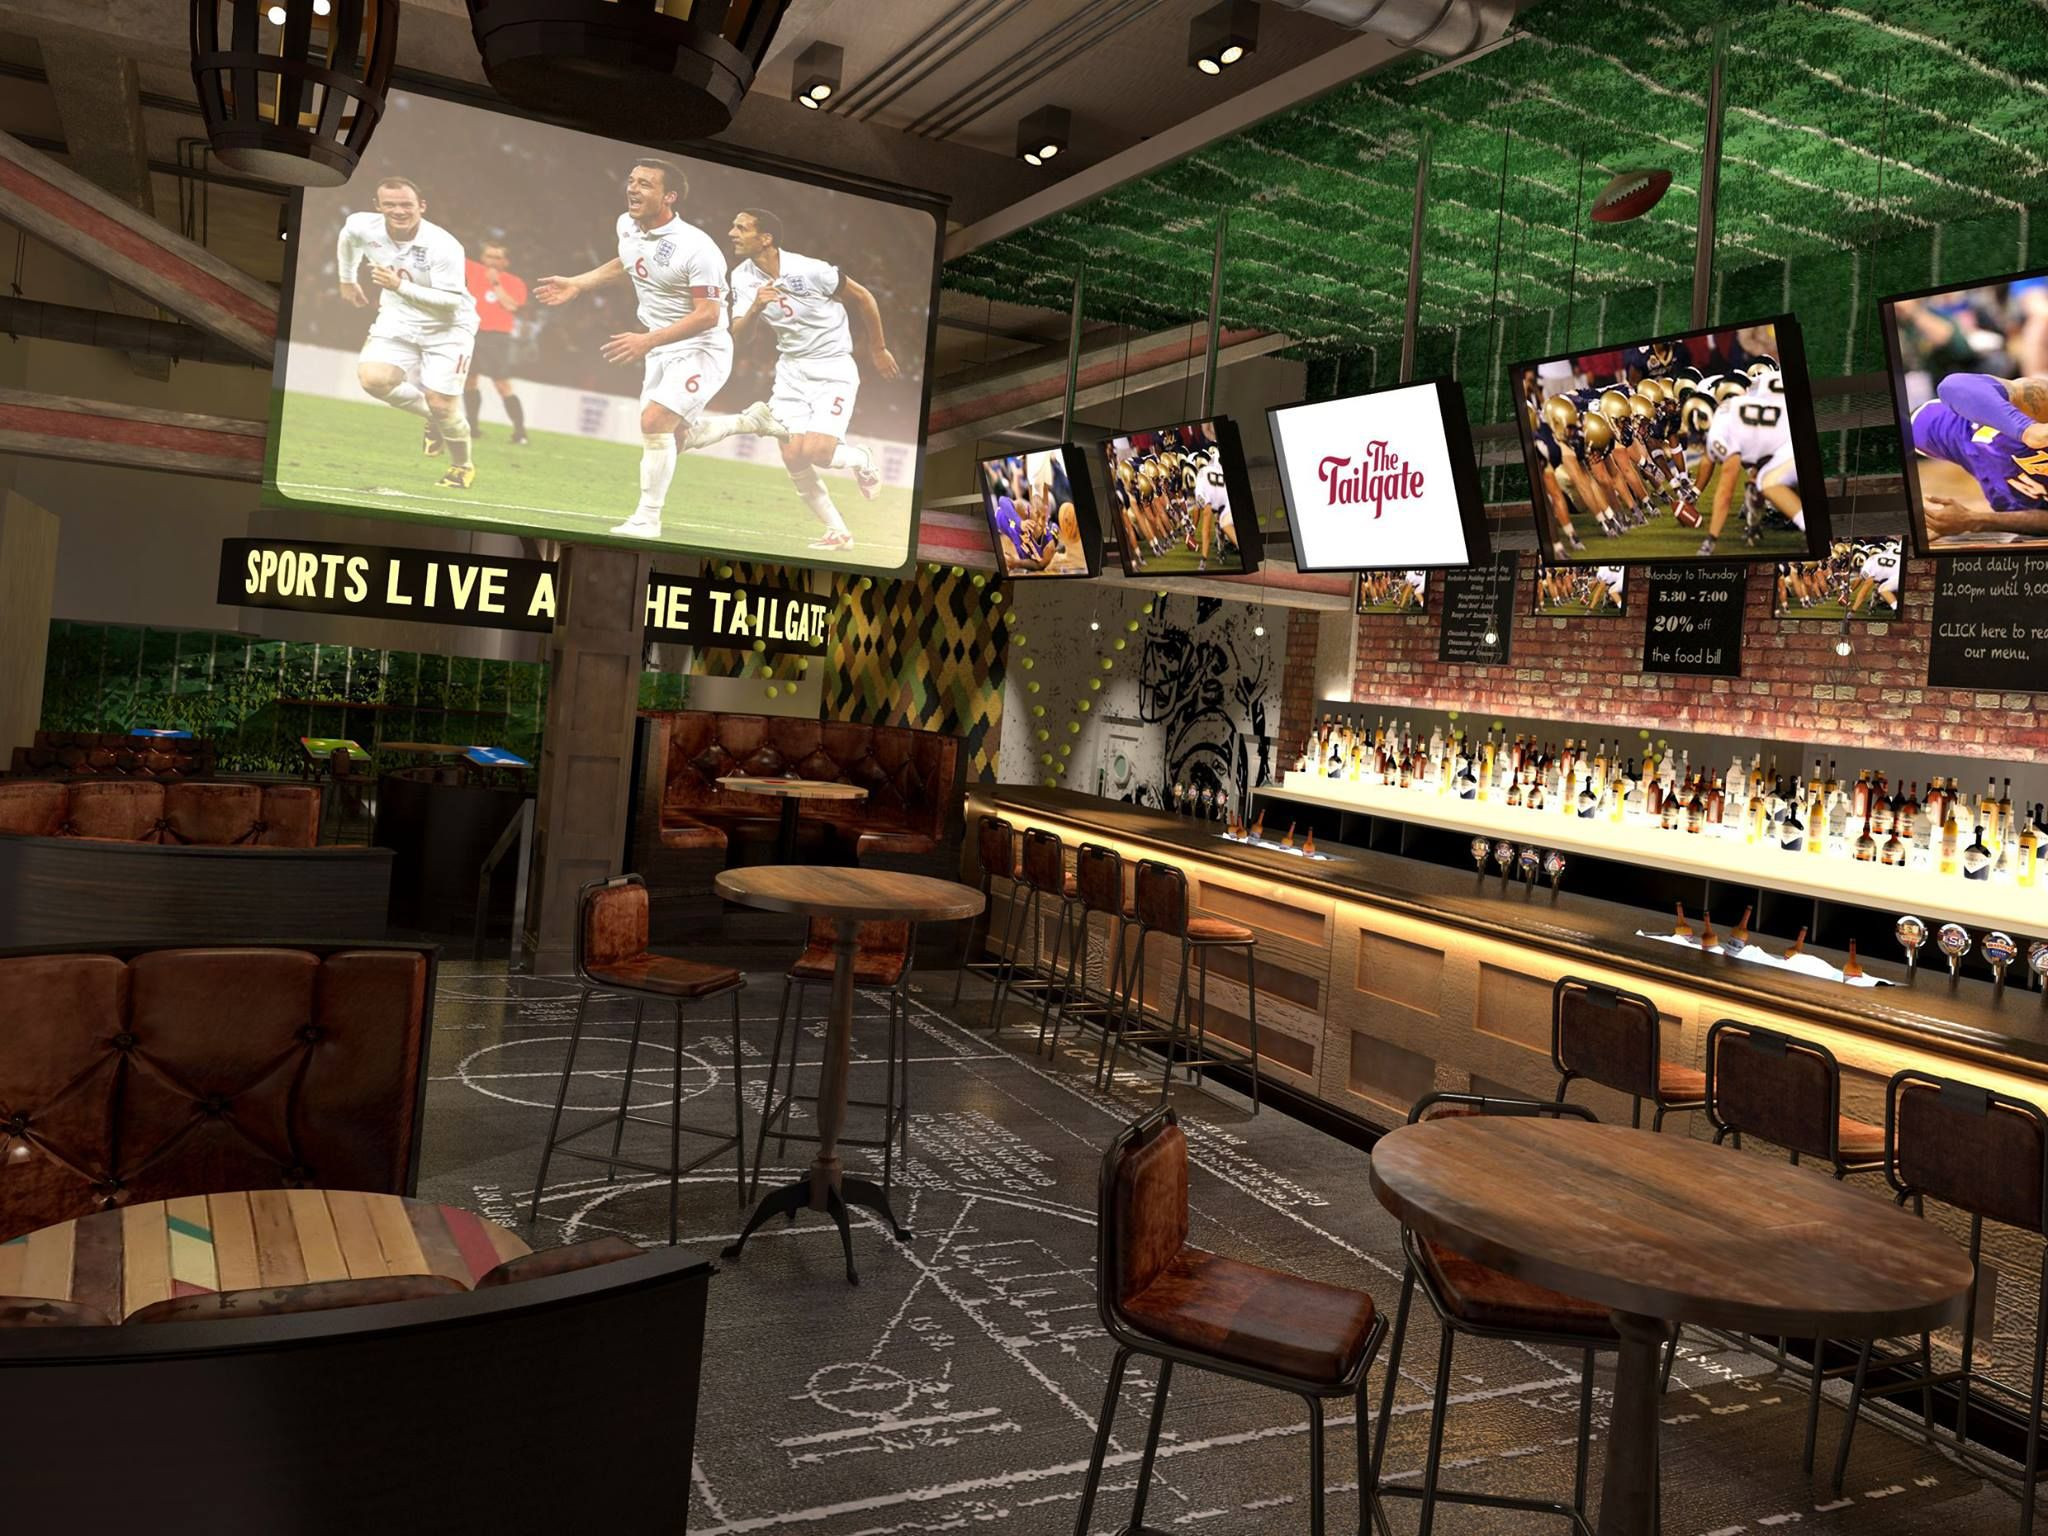 Sports Bar Google Search Bar Pinterest Sports Bars